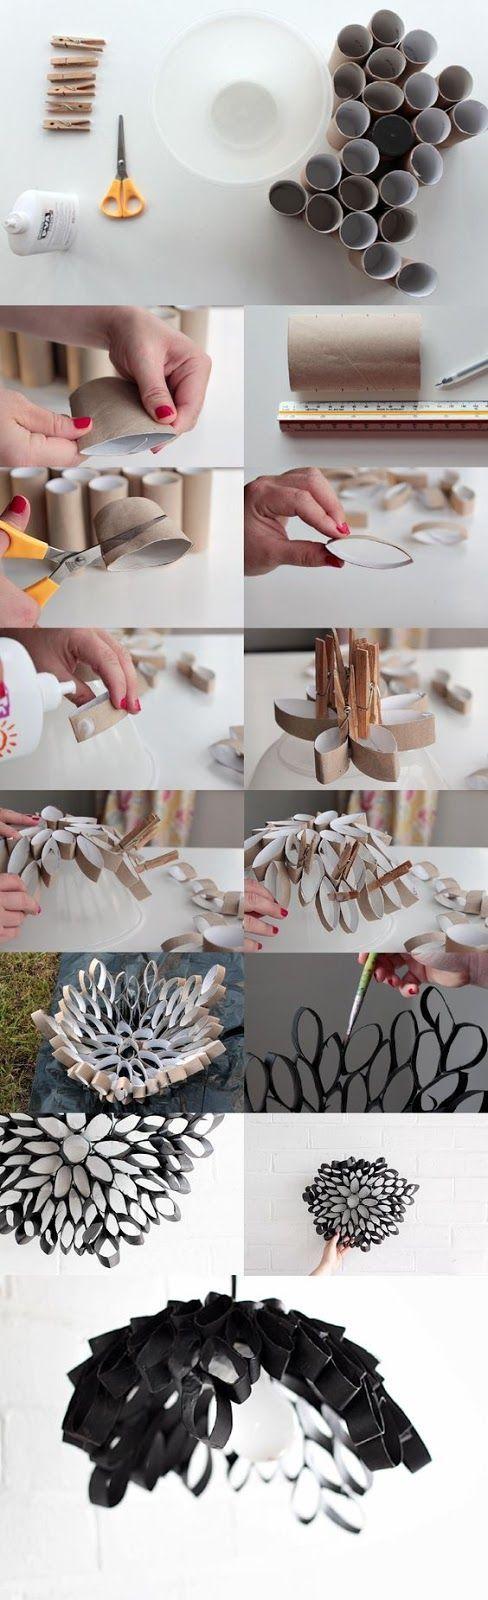 30 Artesanatos com rolinhos de papel higiênico - Reciclar e Decorar - Blog de…